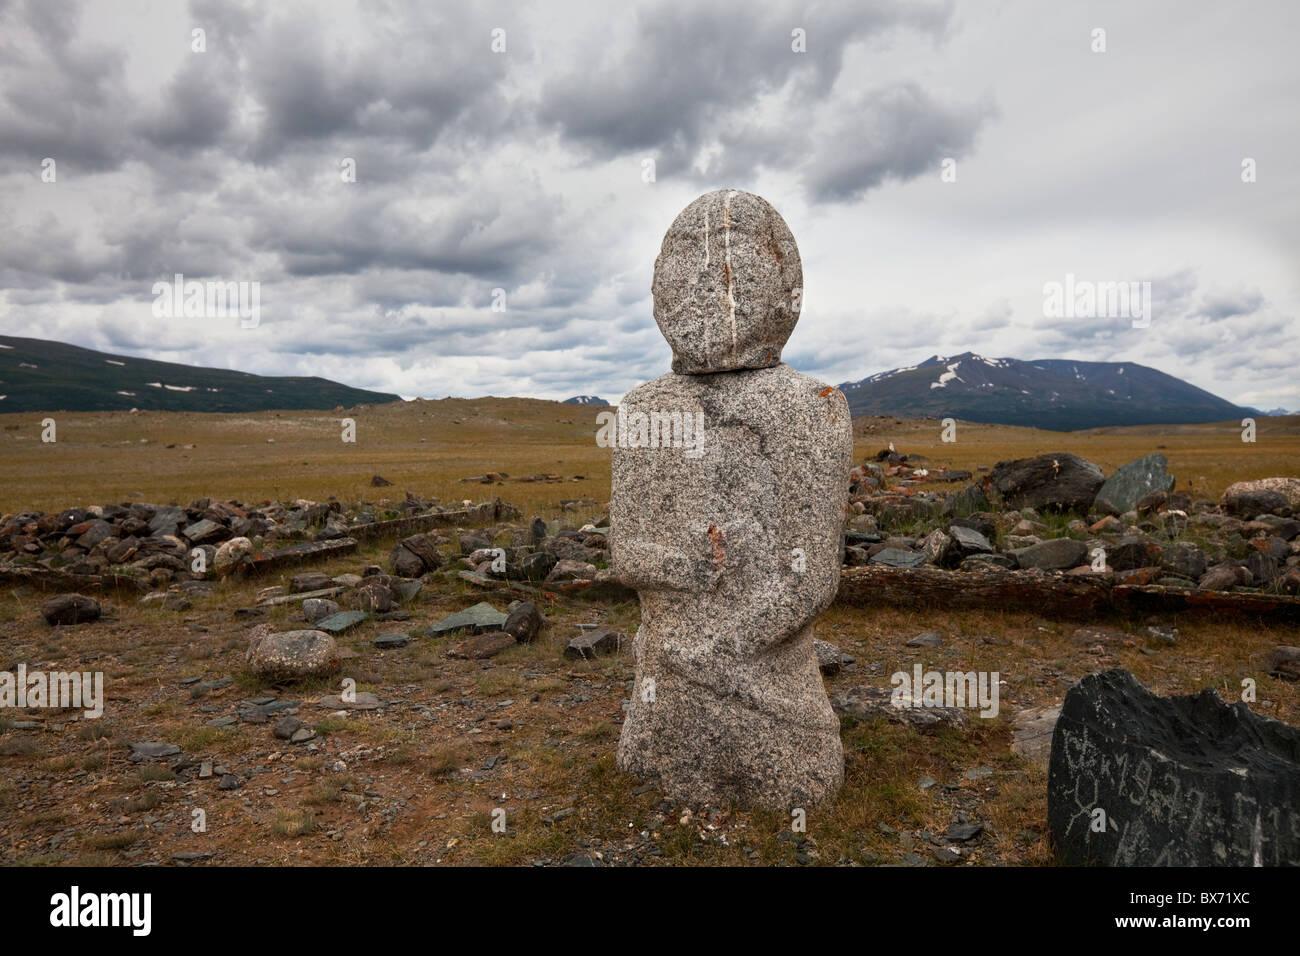 Stèle en pierre ancienne en Mongolie, près du lac Hoton, dans l'ouest de la Mongolie Photo Stock